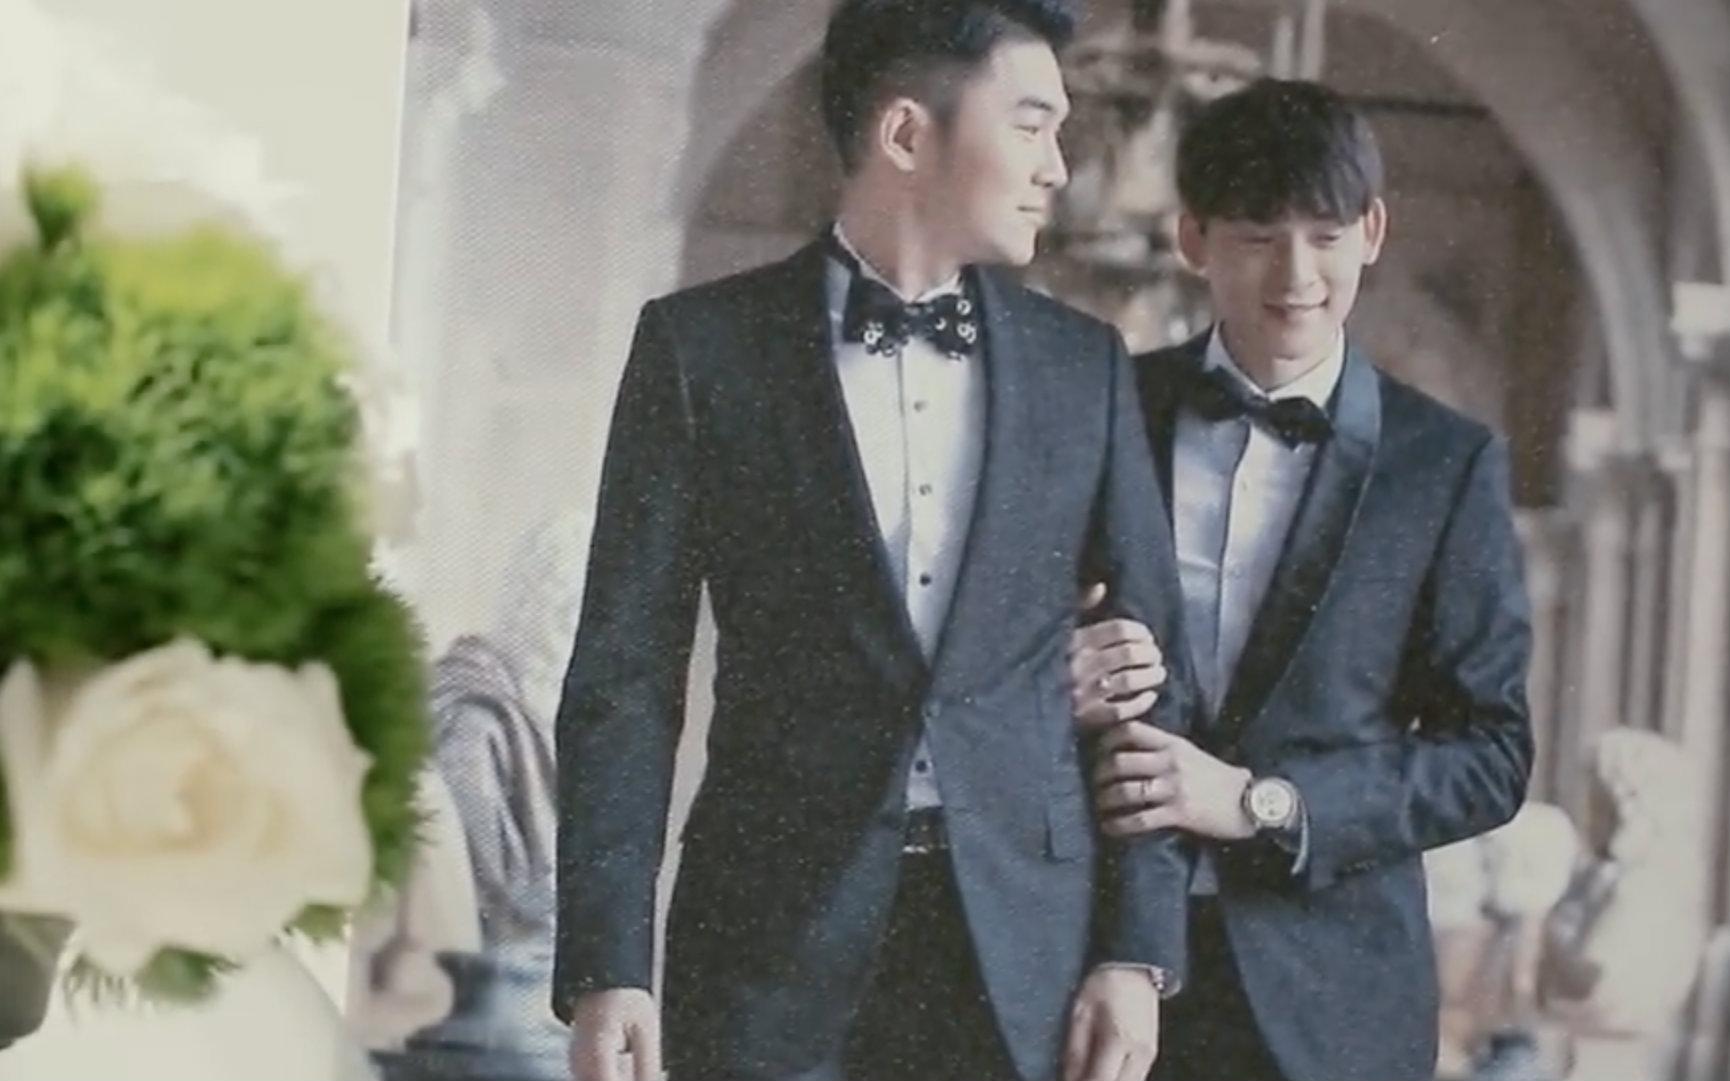 【因为爱情】平凡的幸福:一对台港同志cp的感人婚礼